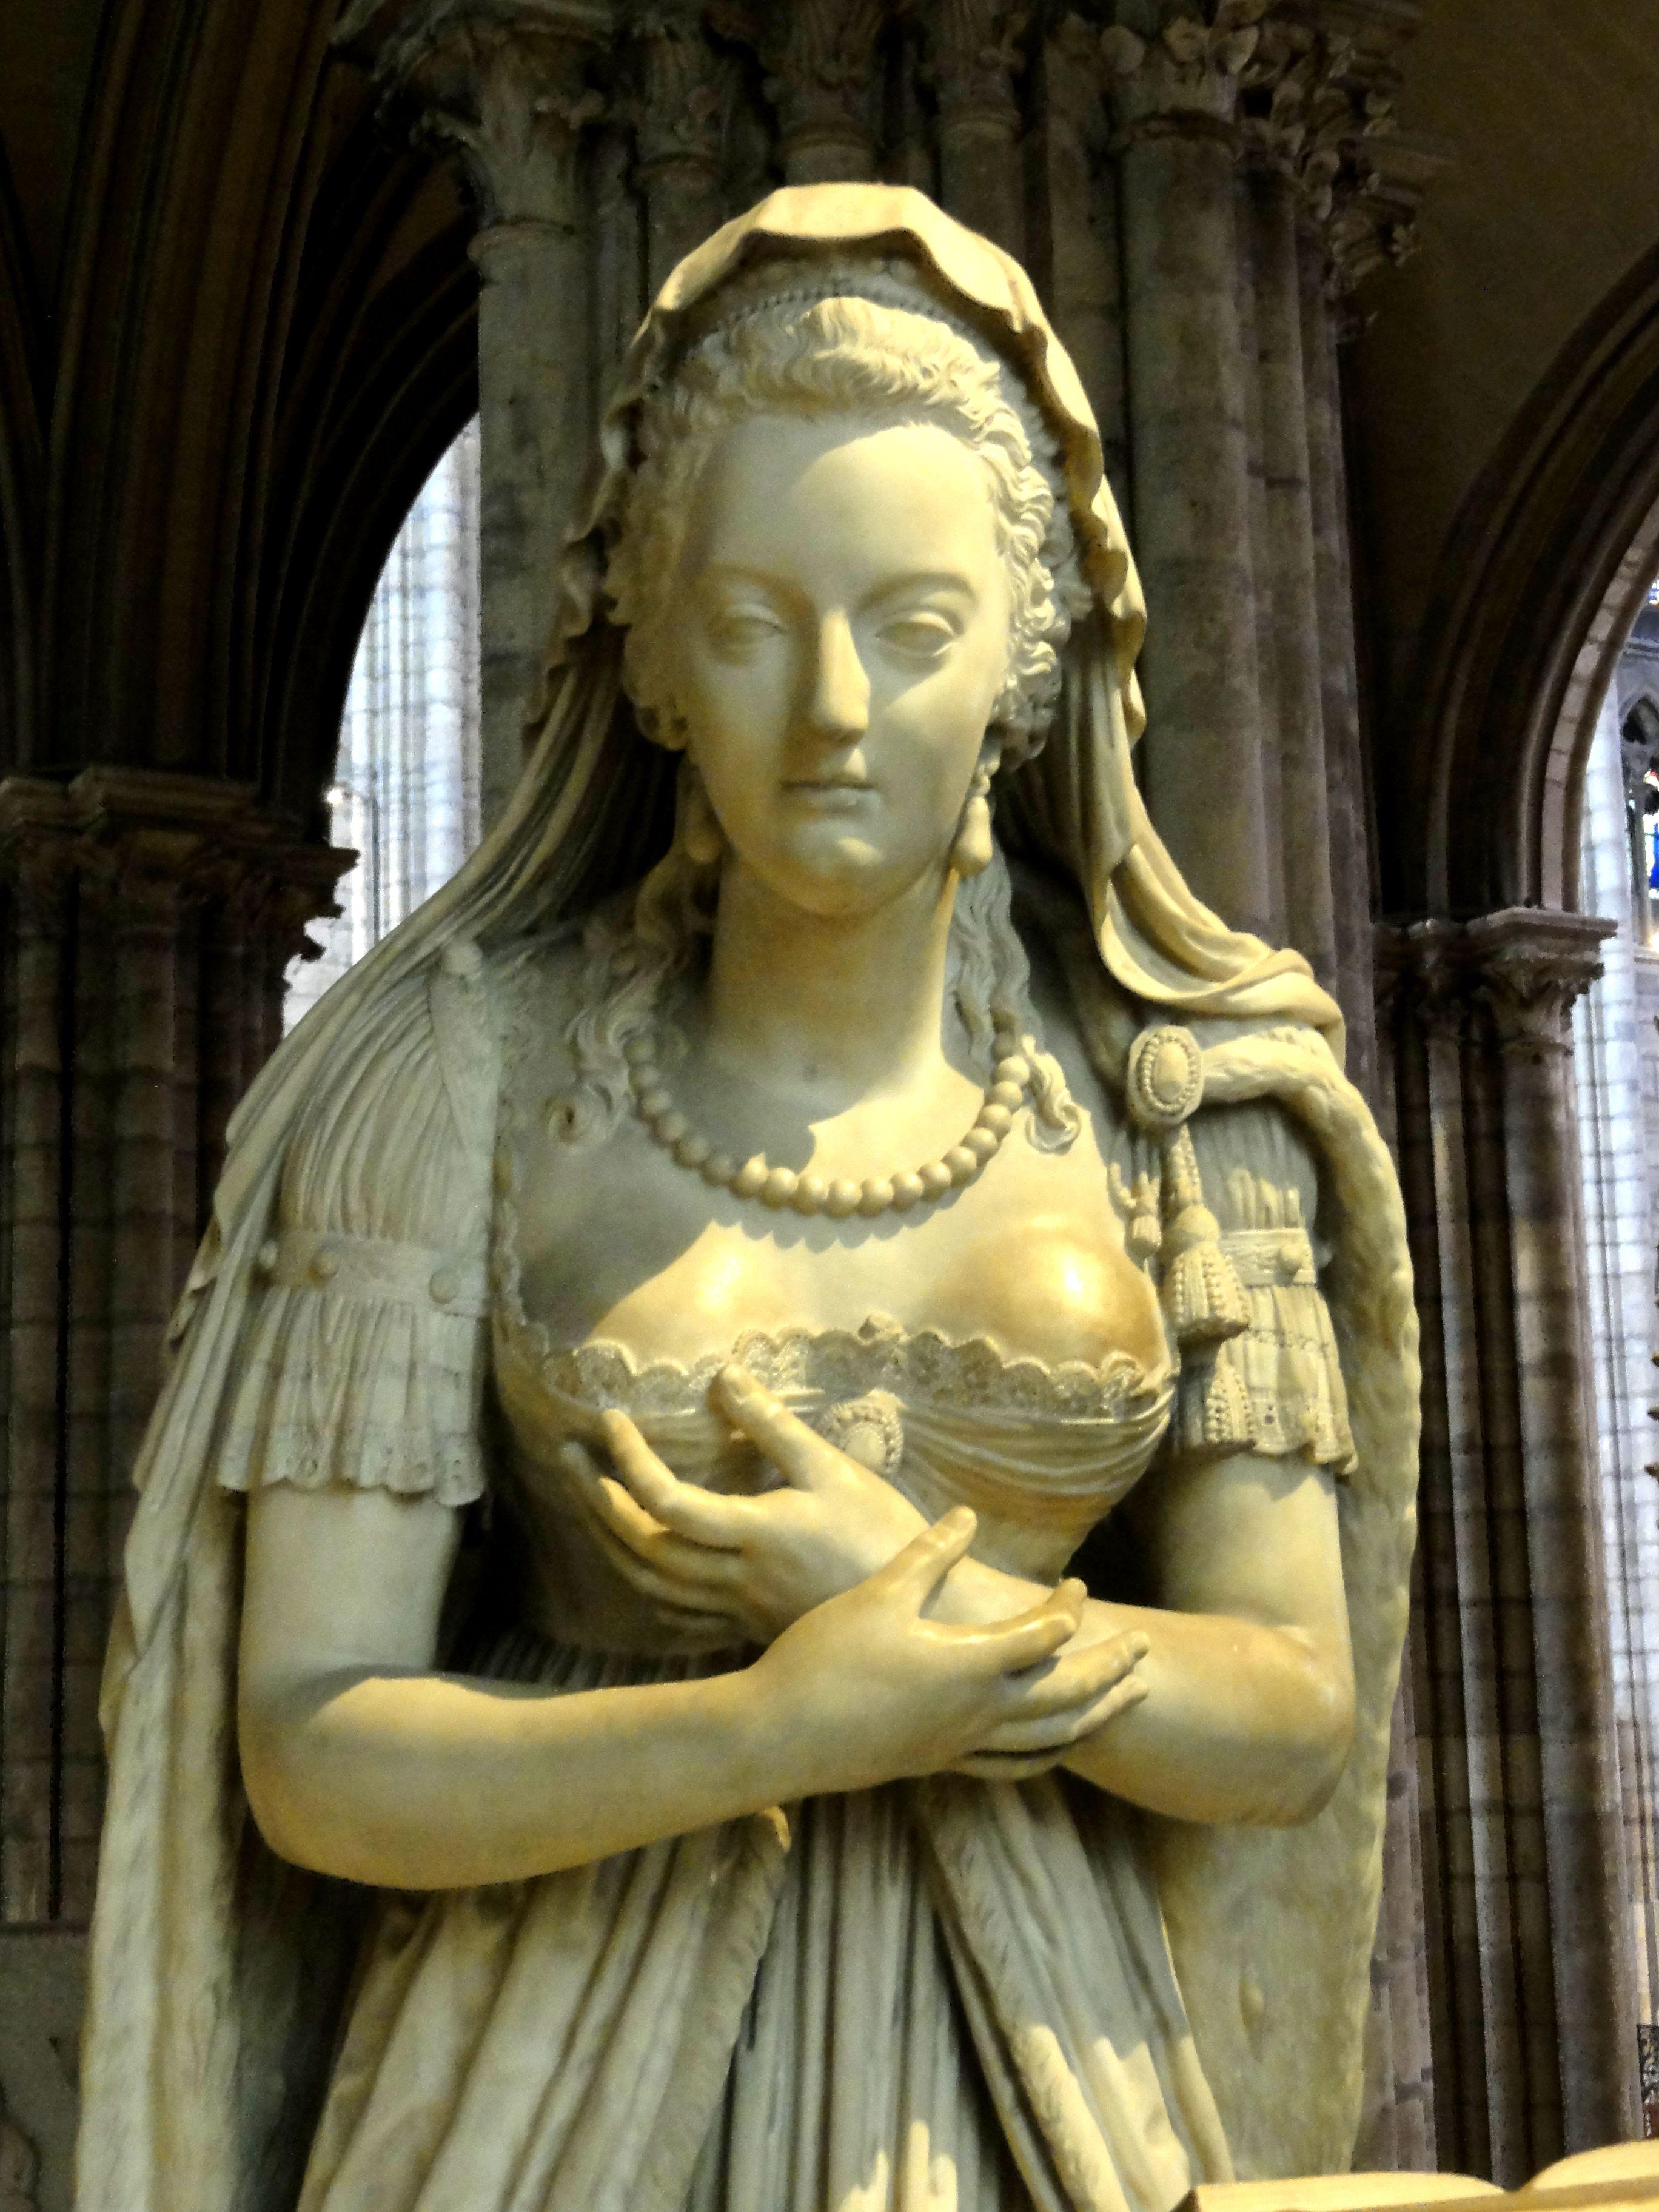 Fichier:Saint-Denis (93), basilique, statue de Marie Antoinette.JPG —  Wikipédia